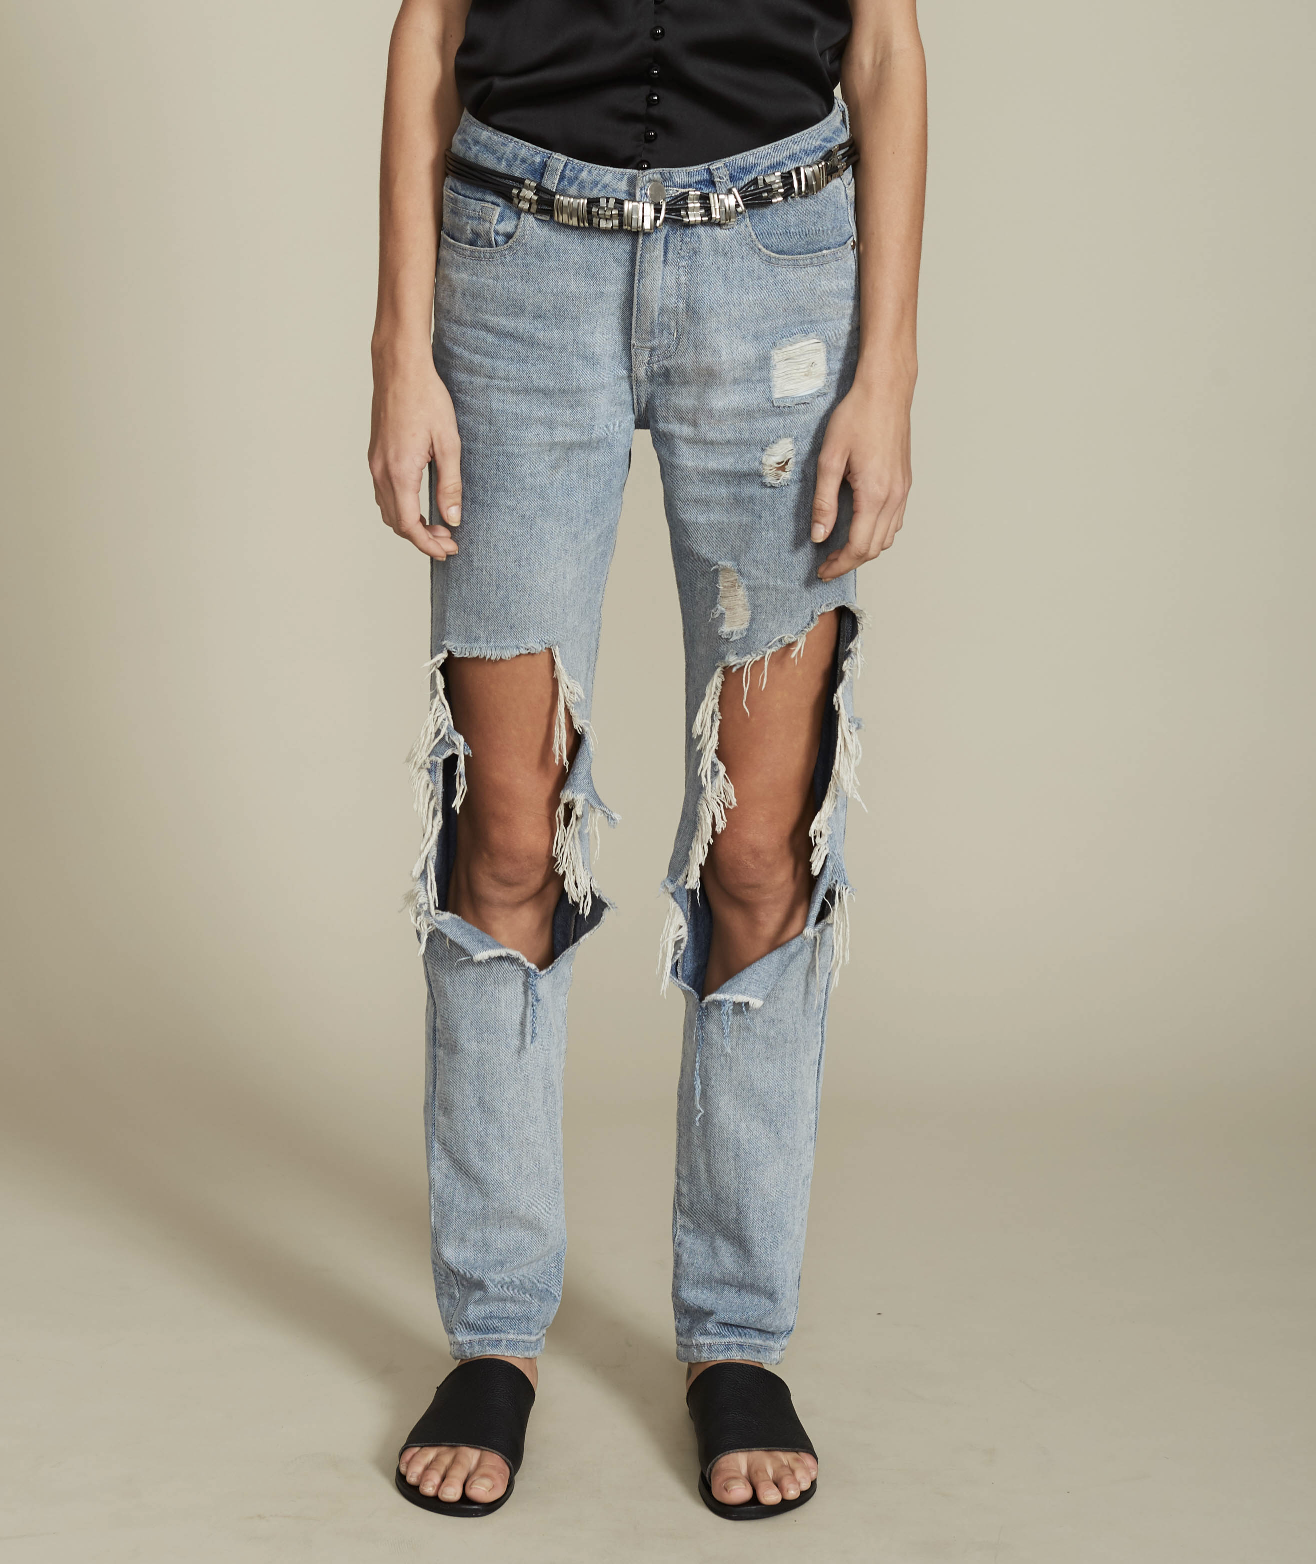 Dahli Naomi boyfriend jeans $75